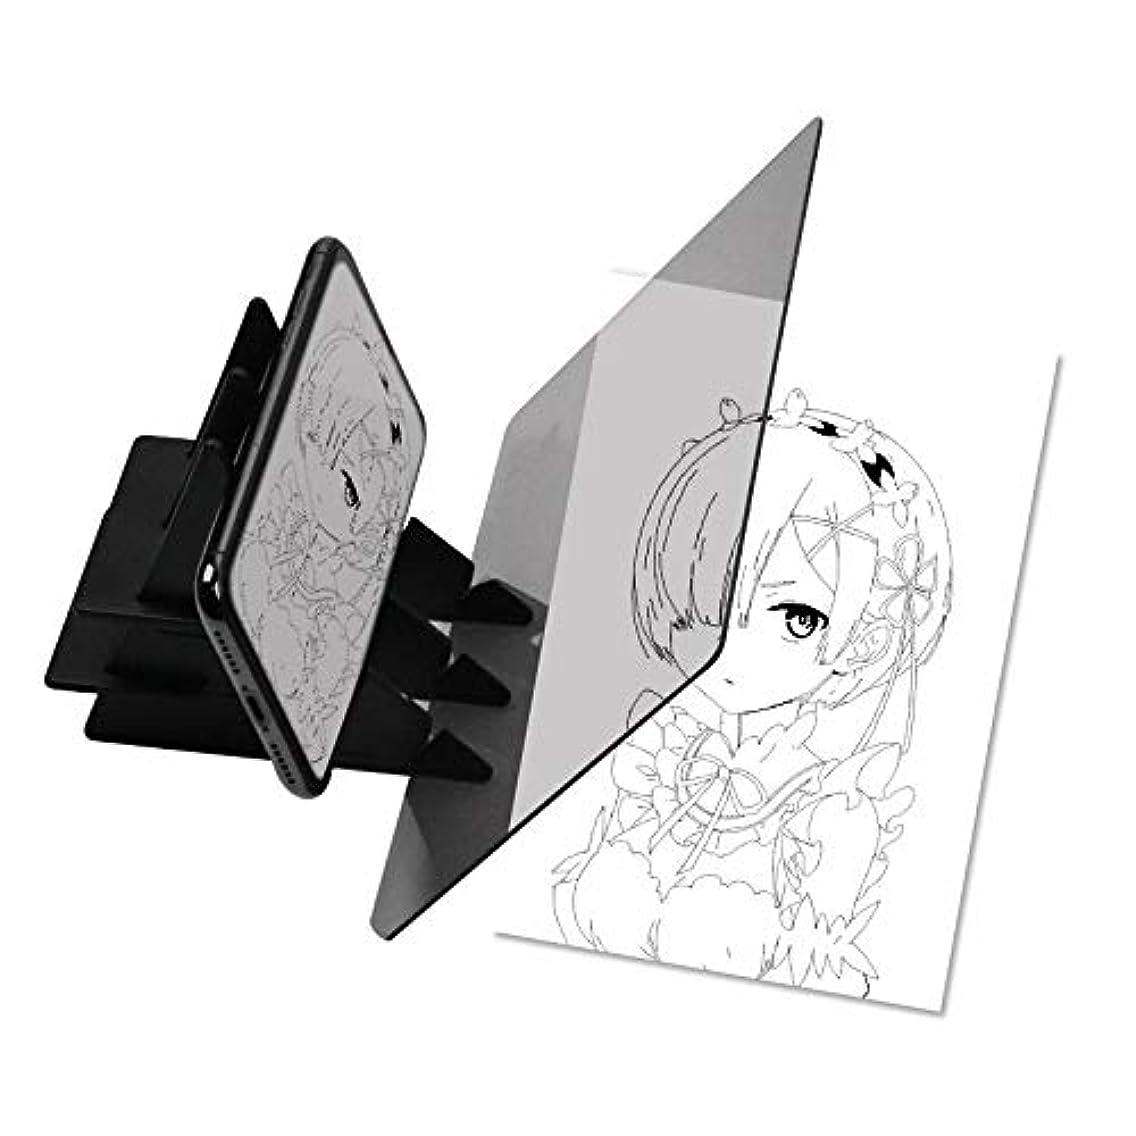 レインコート重要な実際に光学式塗装板ポータブルPc立体コピーステーション子を模倣します.